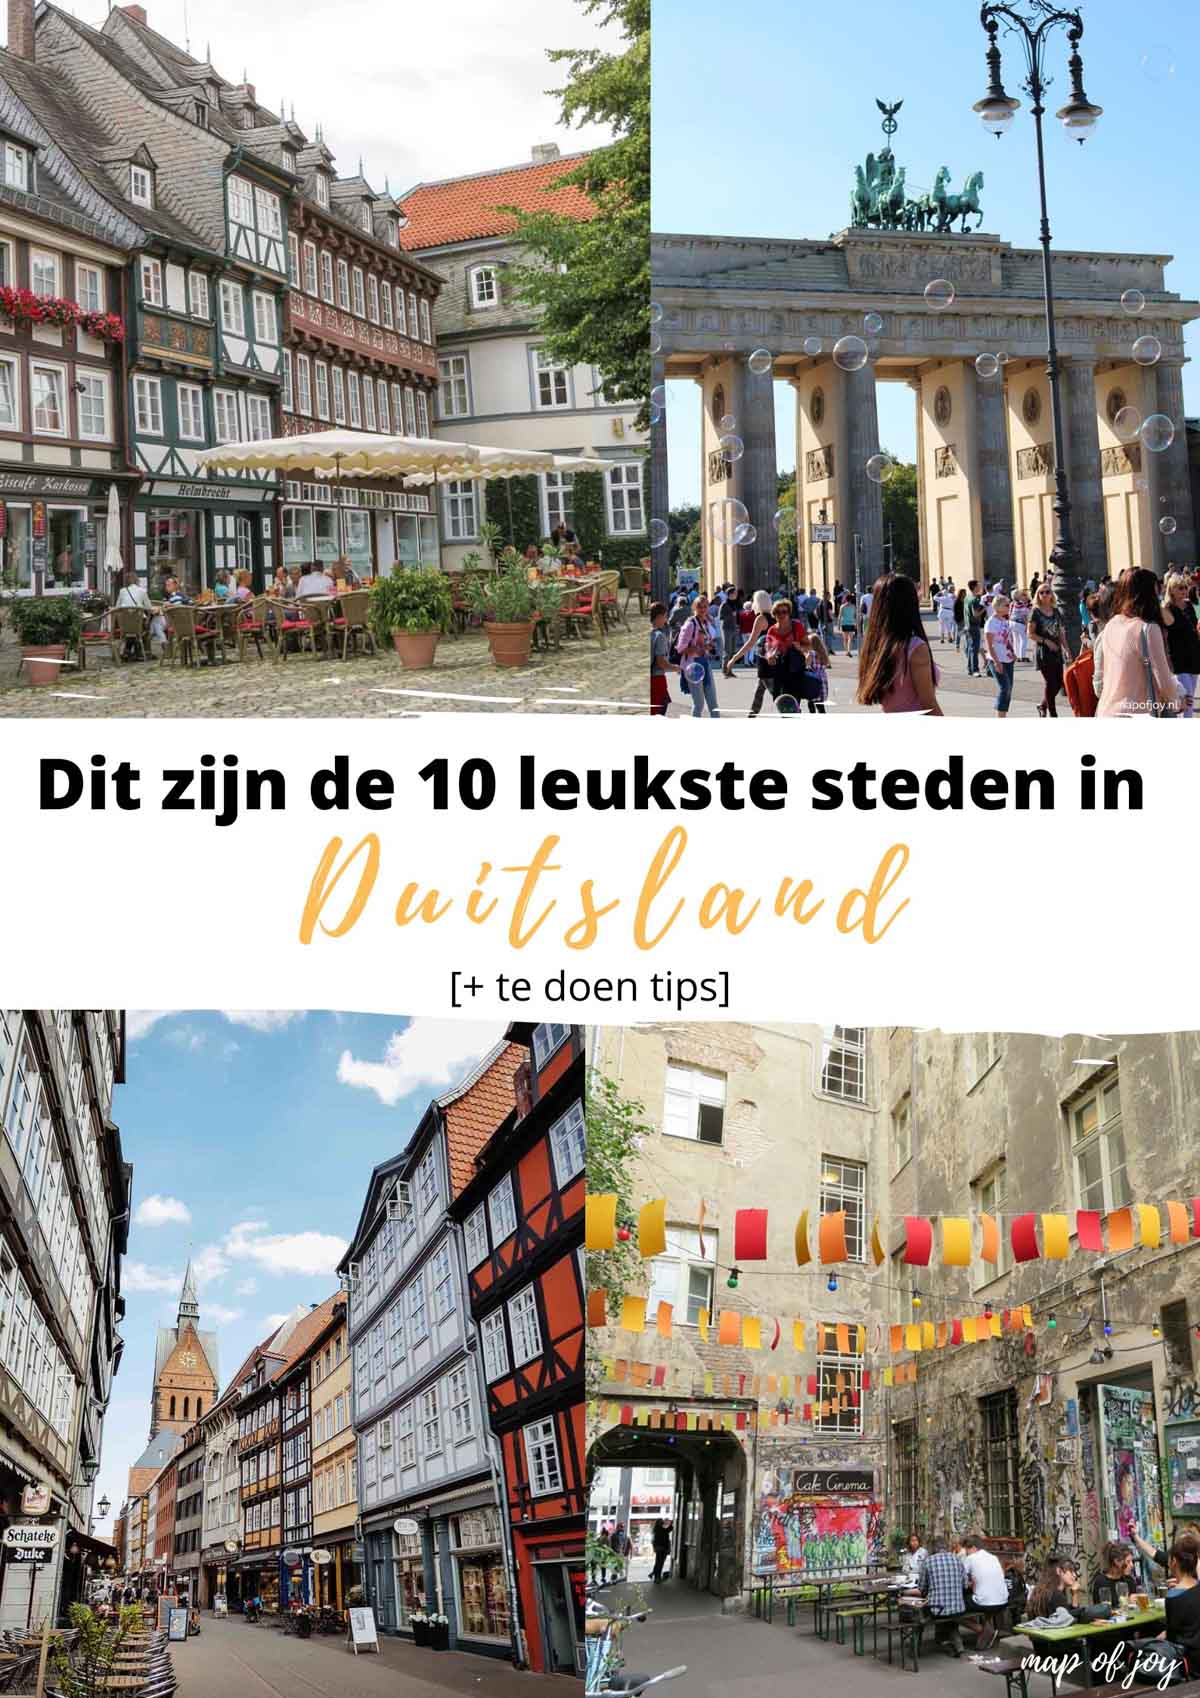 Dit zijn de 10 leukste steden in Duitsland [+ te doen tips] - Map of Joy